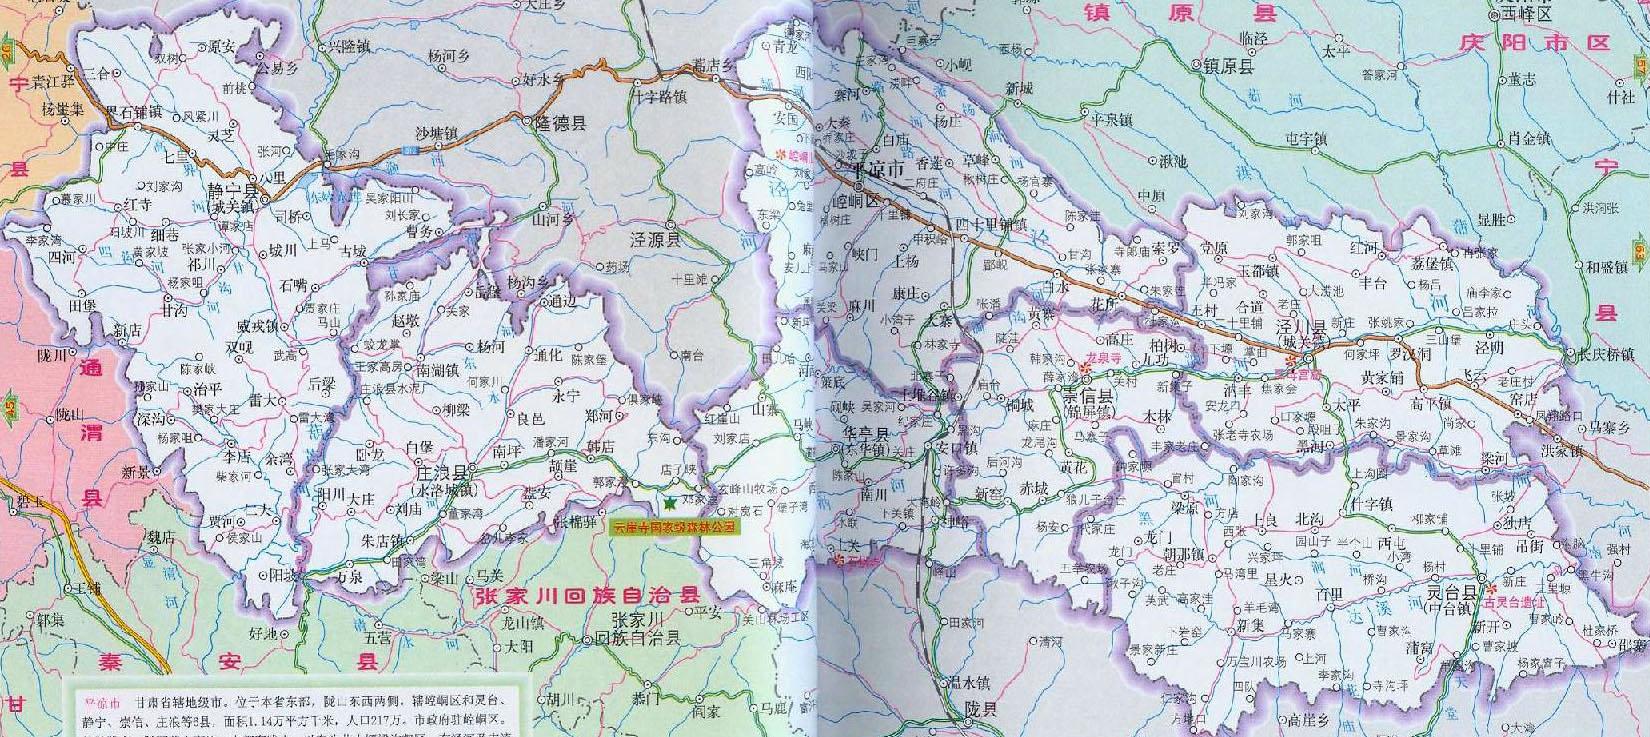 甘肃省平凉市地图